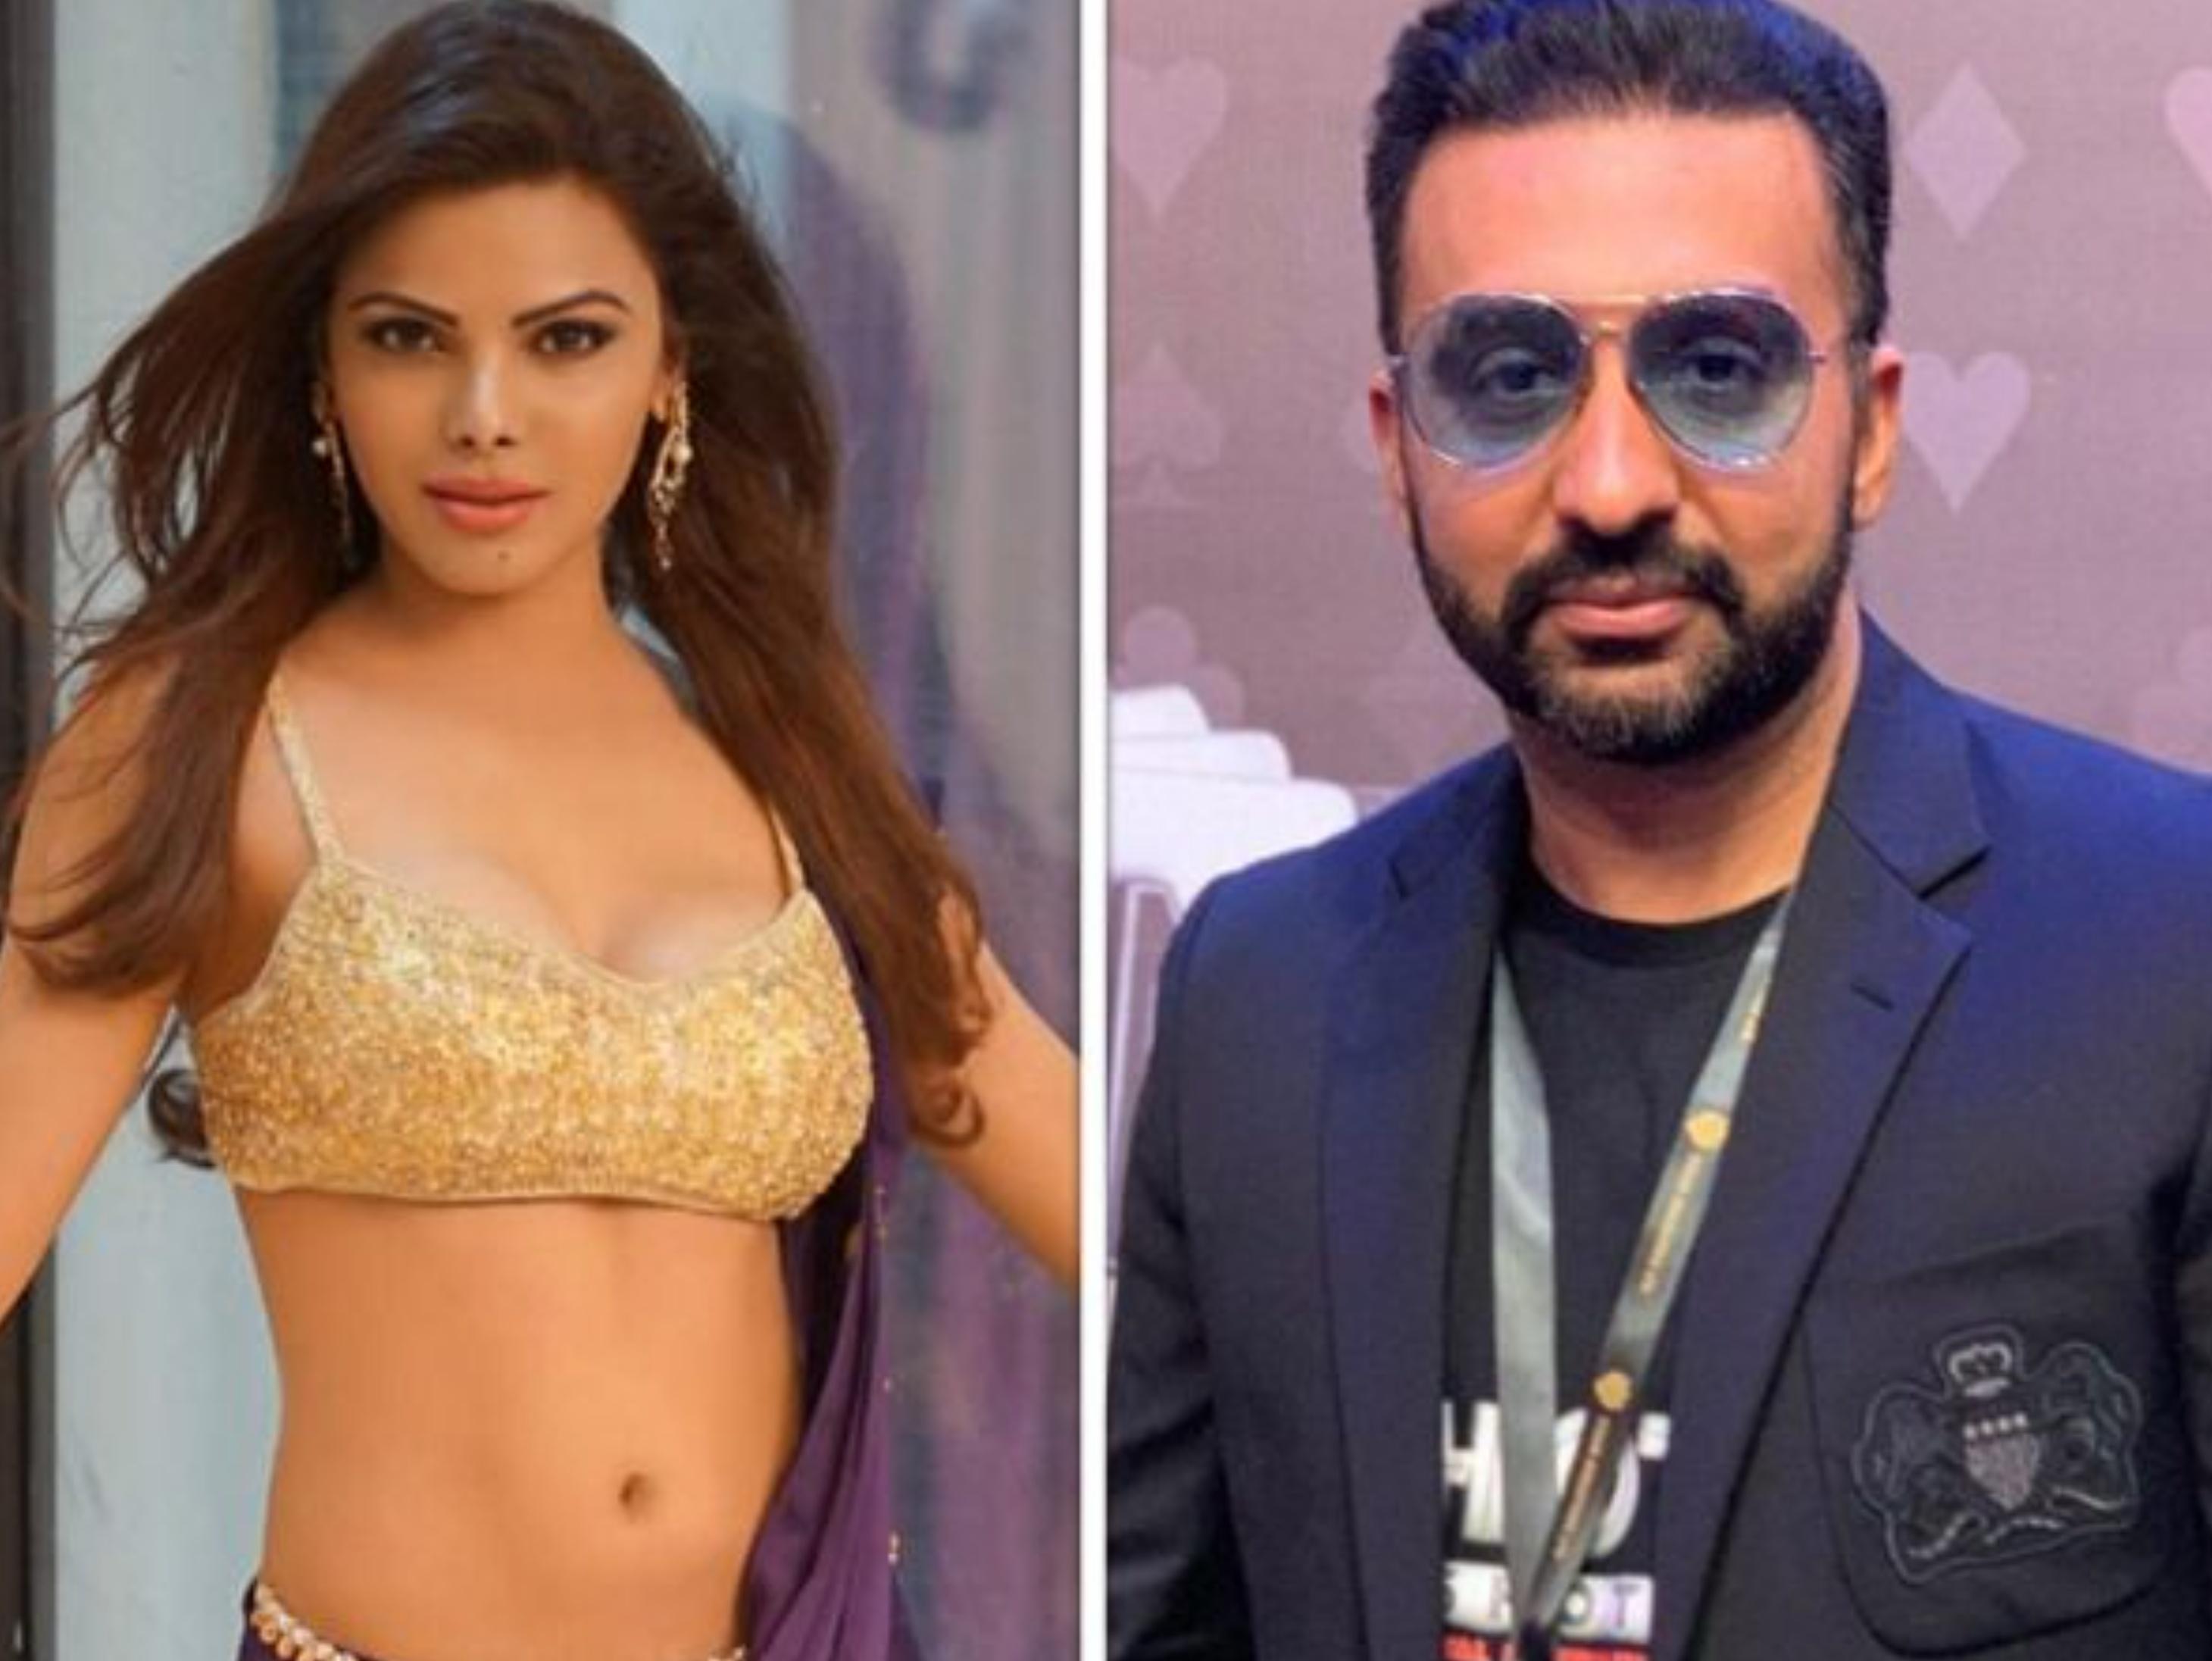 राज कुंद्रा को शर्लिन चोपड़ा ने बोल्ड कंटेंट इंडस्ट्री में घसीटा था, वो अटेंशन पाने के लिए राज पर कीचड़ उछाल रही है बॉलीवुड,Entertainment - Dainik Bhaskar